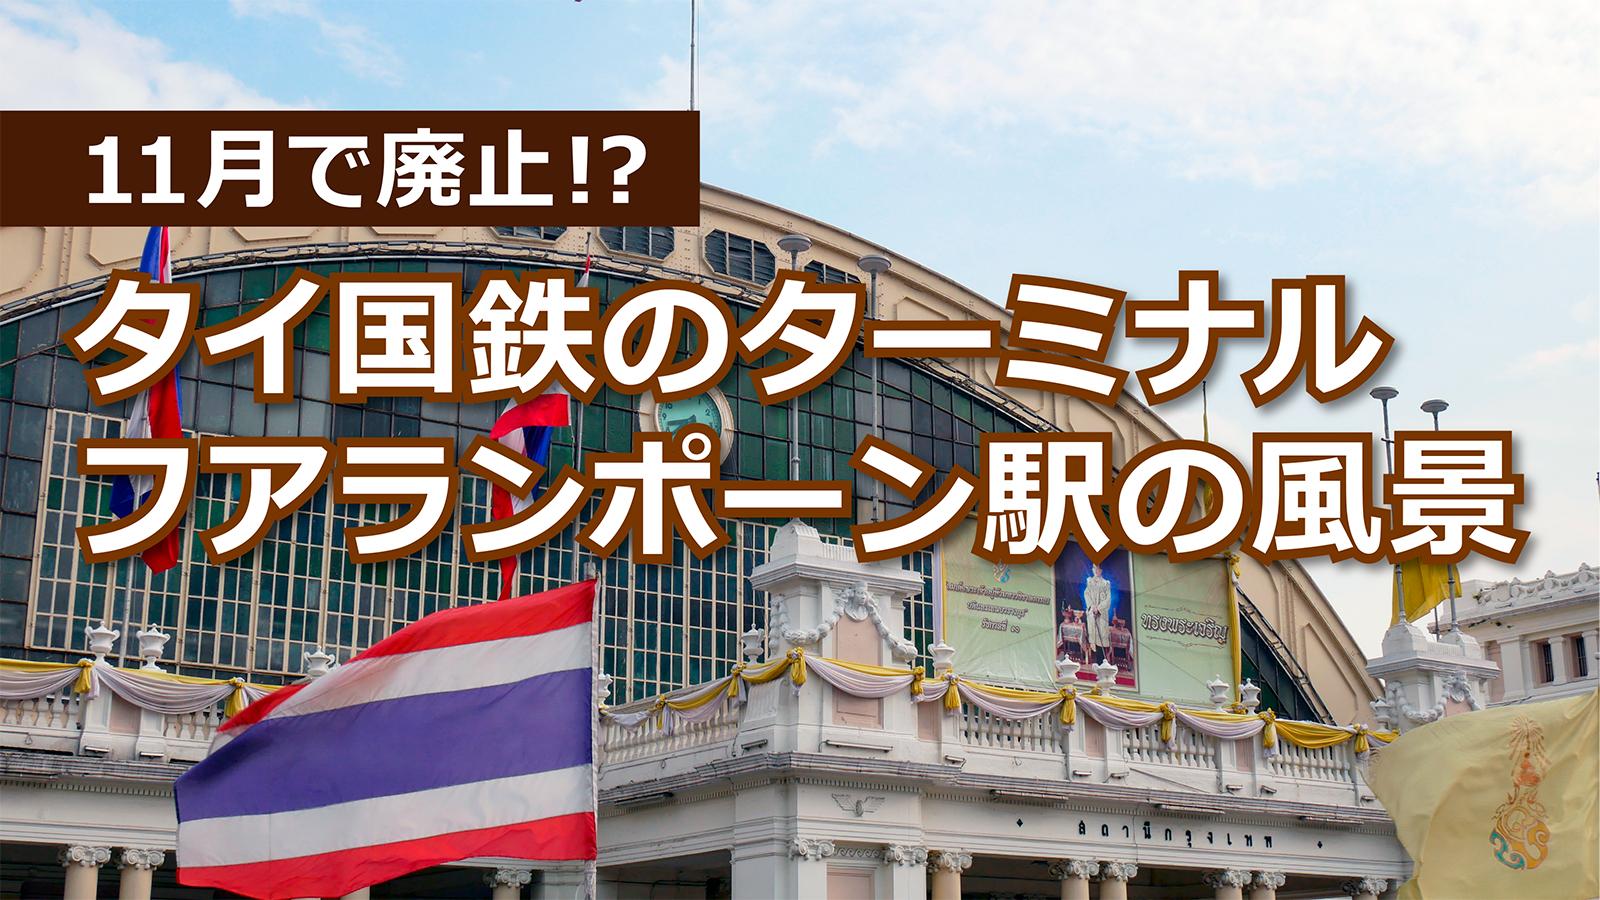 11月に廃止!? タイ国鉄のターミナル・フアランポーン駅の風景